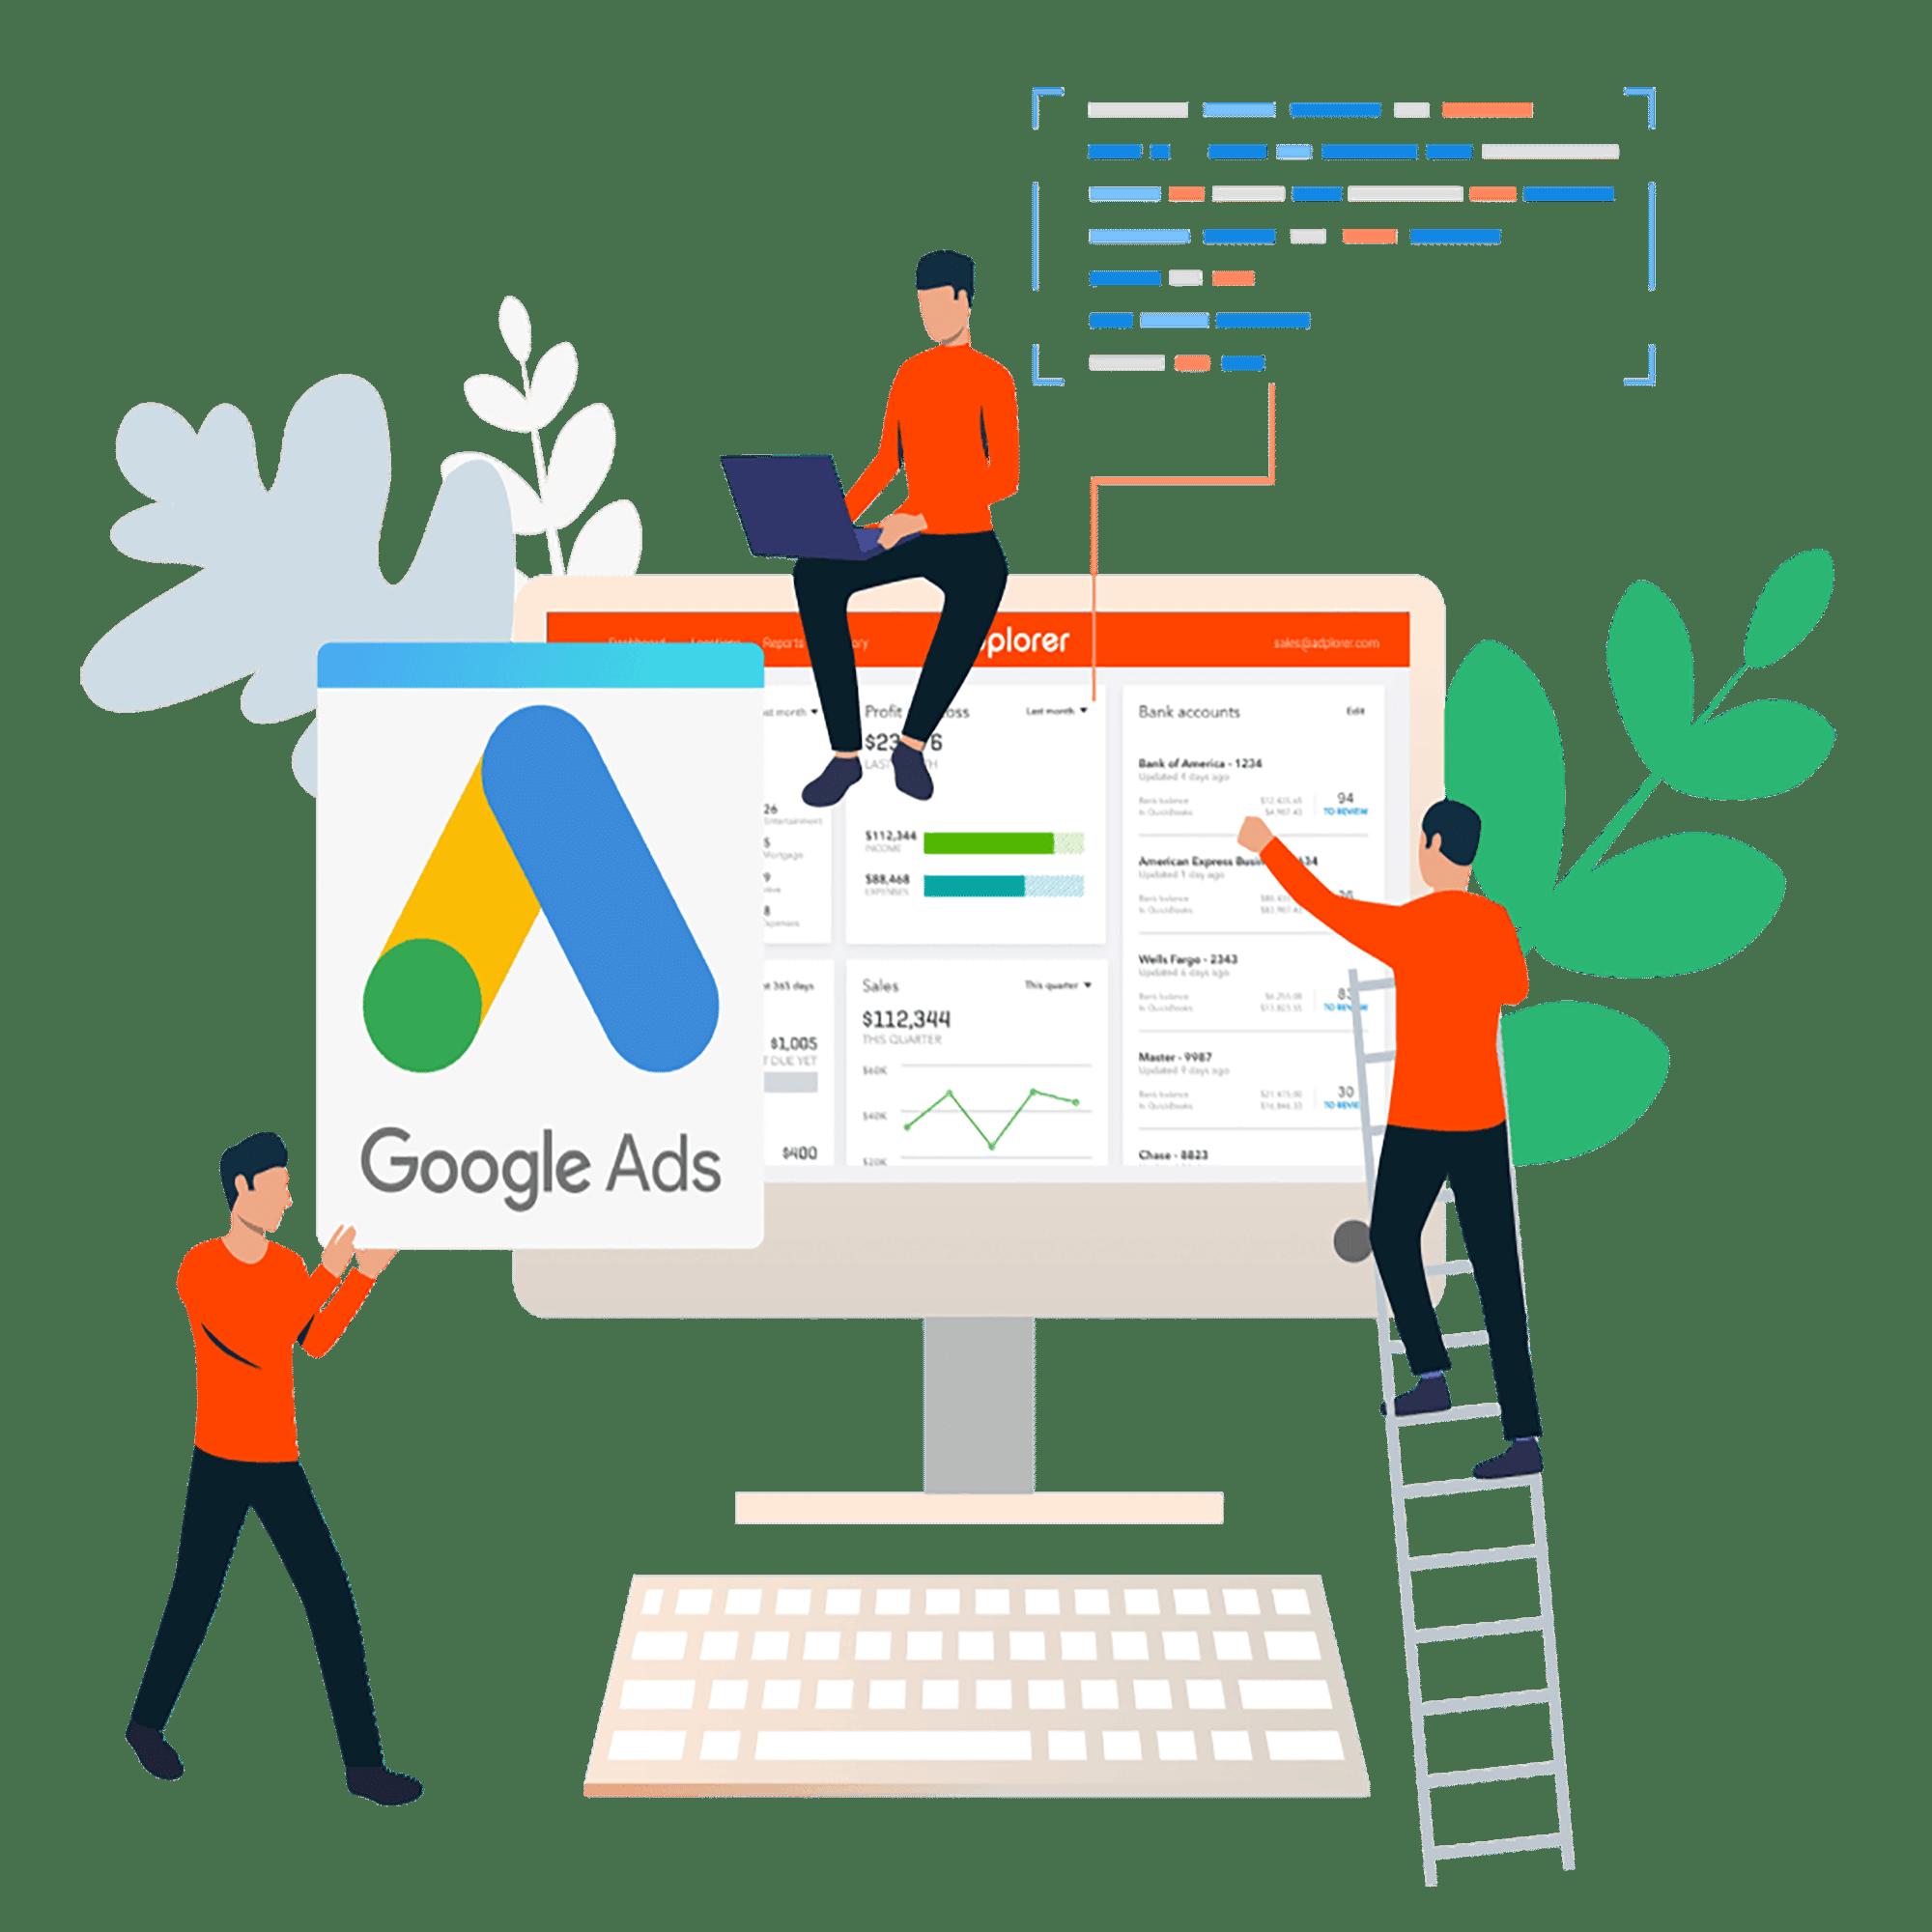 5 اشتباهی که هنگام تبلیغات در گوگل باید از آن ها اجتناب کرد